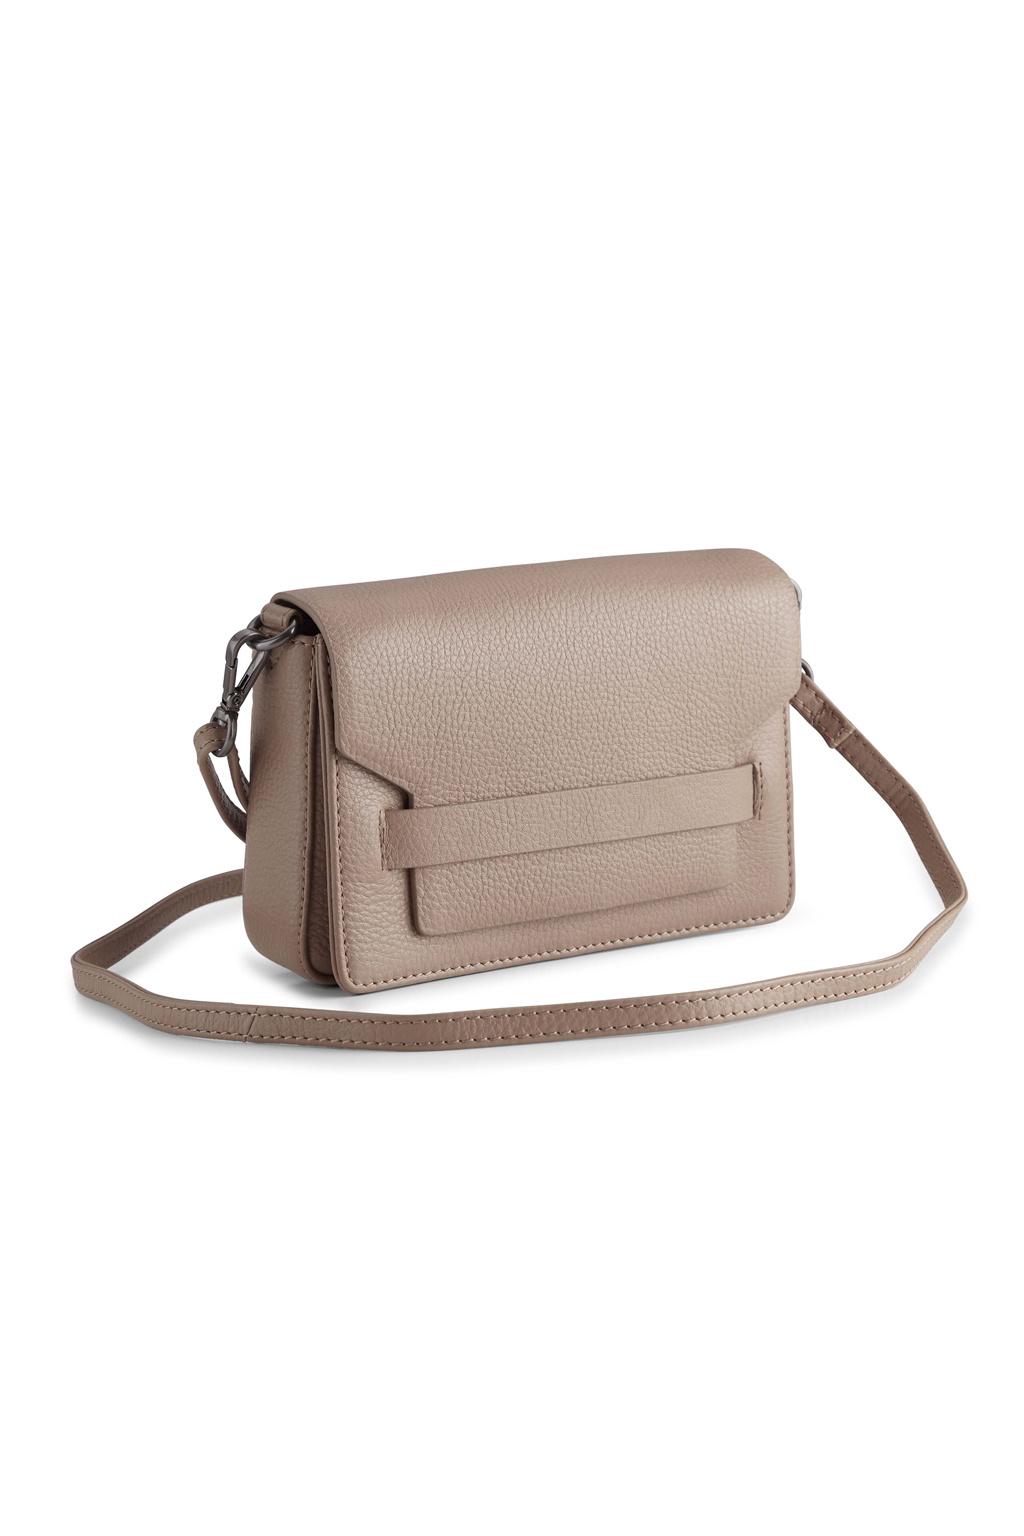 Vanya Crossbody Bag Grain - Latte-2